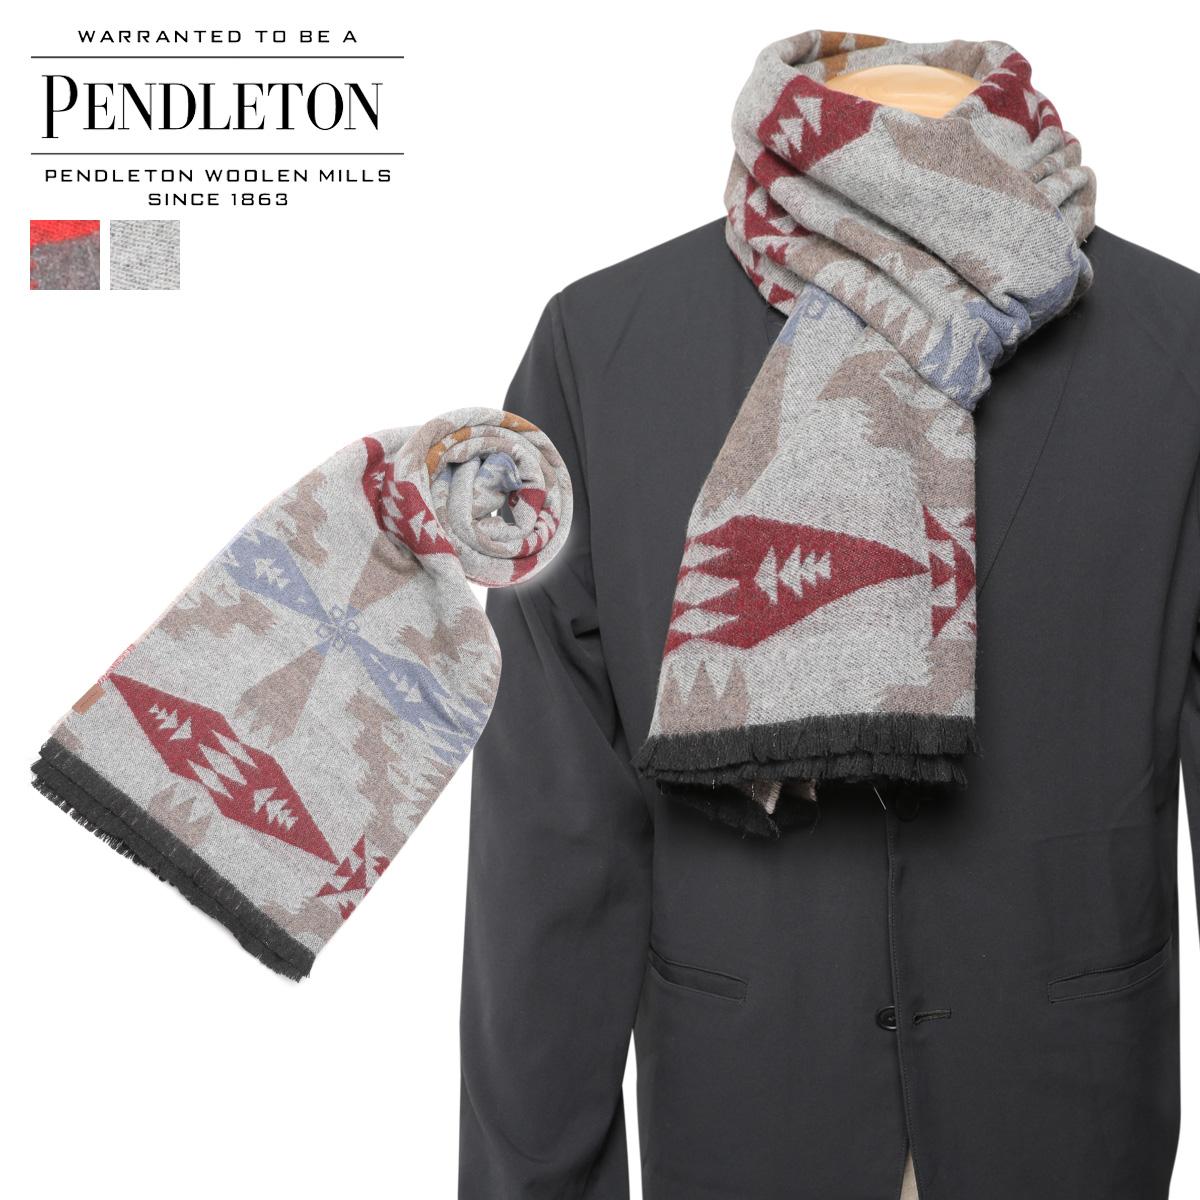 PENDLETON OVERSIZED WRAP ペンドルトン マフラー メンズ レディース 大判 ウール チャコール グレー GS757